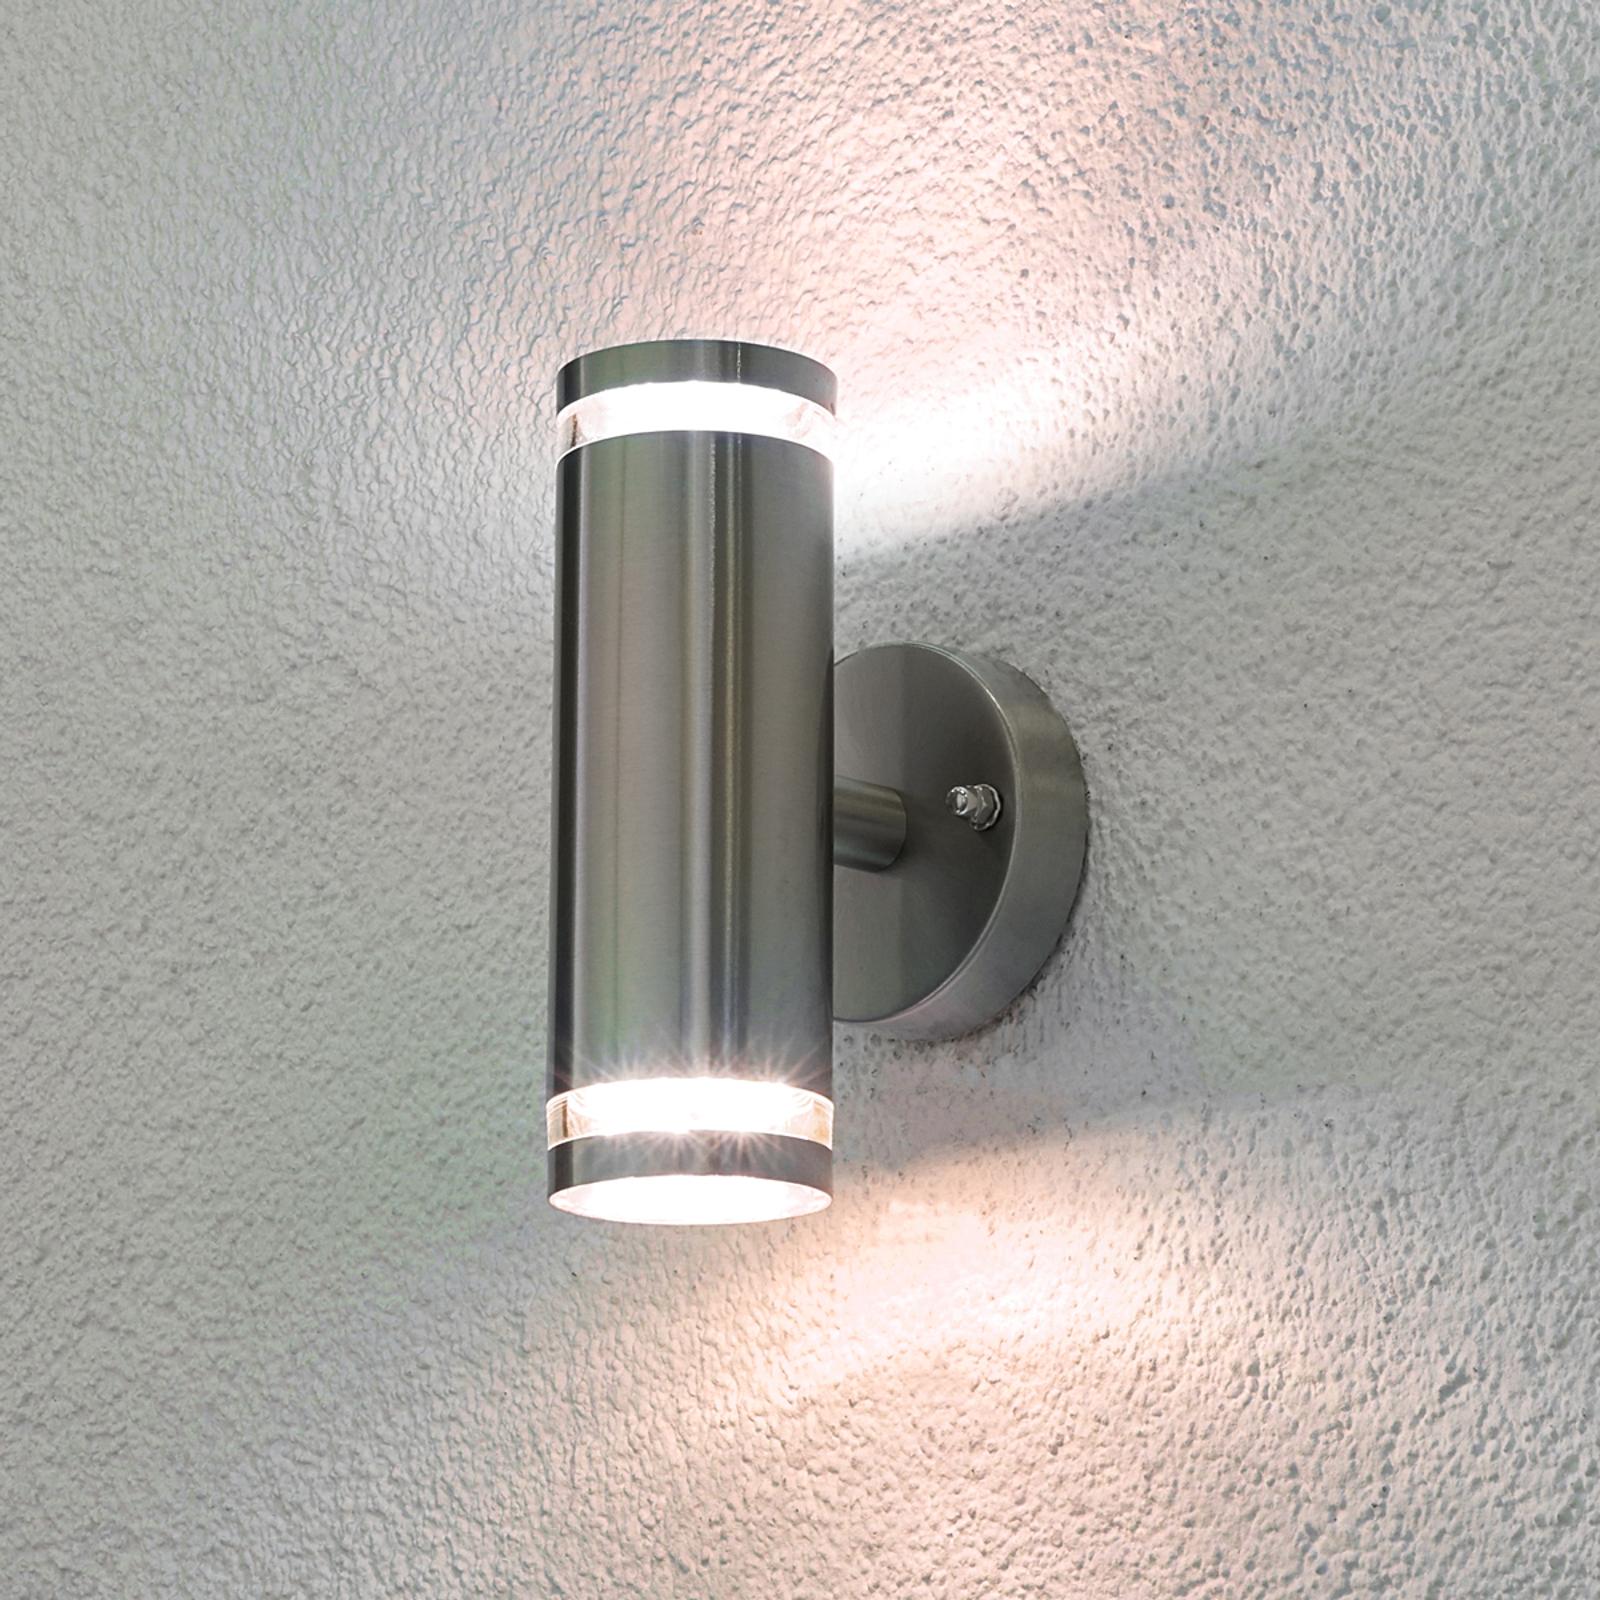 RVS-buitenwandlamp Tiberius met LED